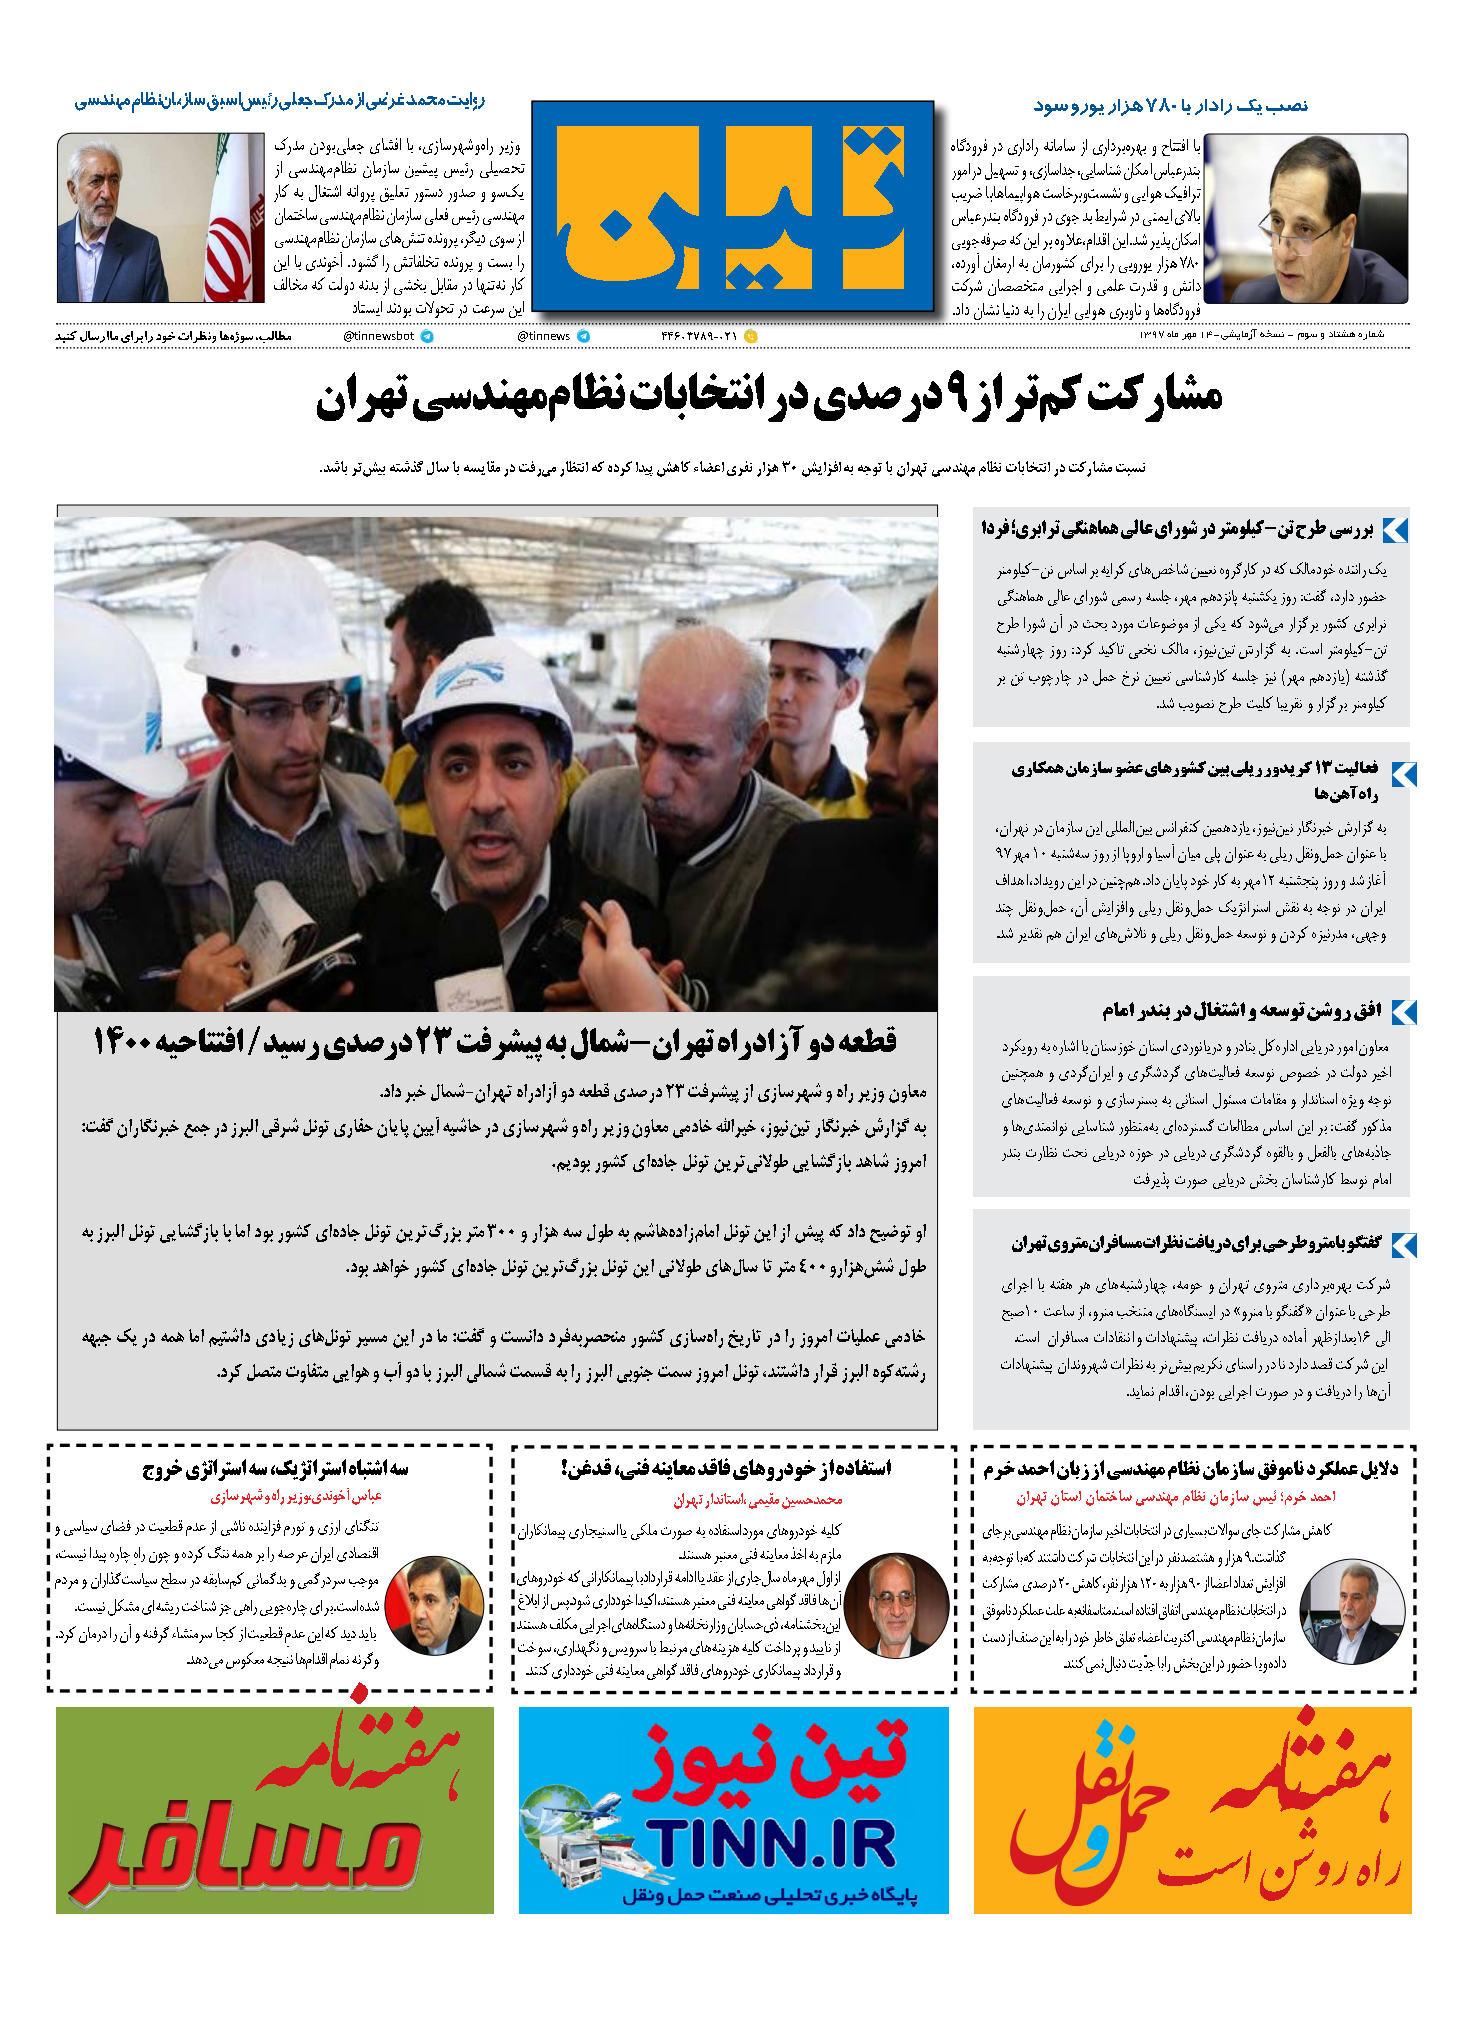 روزنامه الکترونیک 14 مهر ماه 97